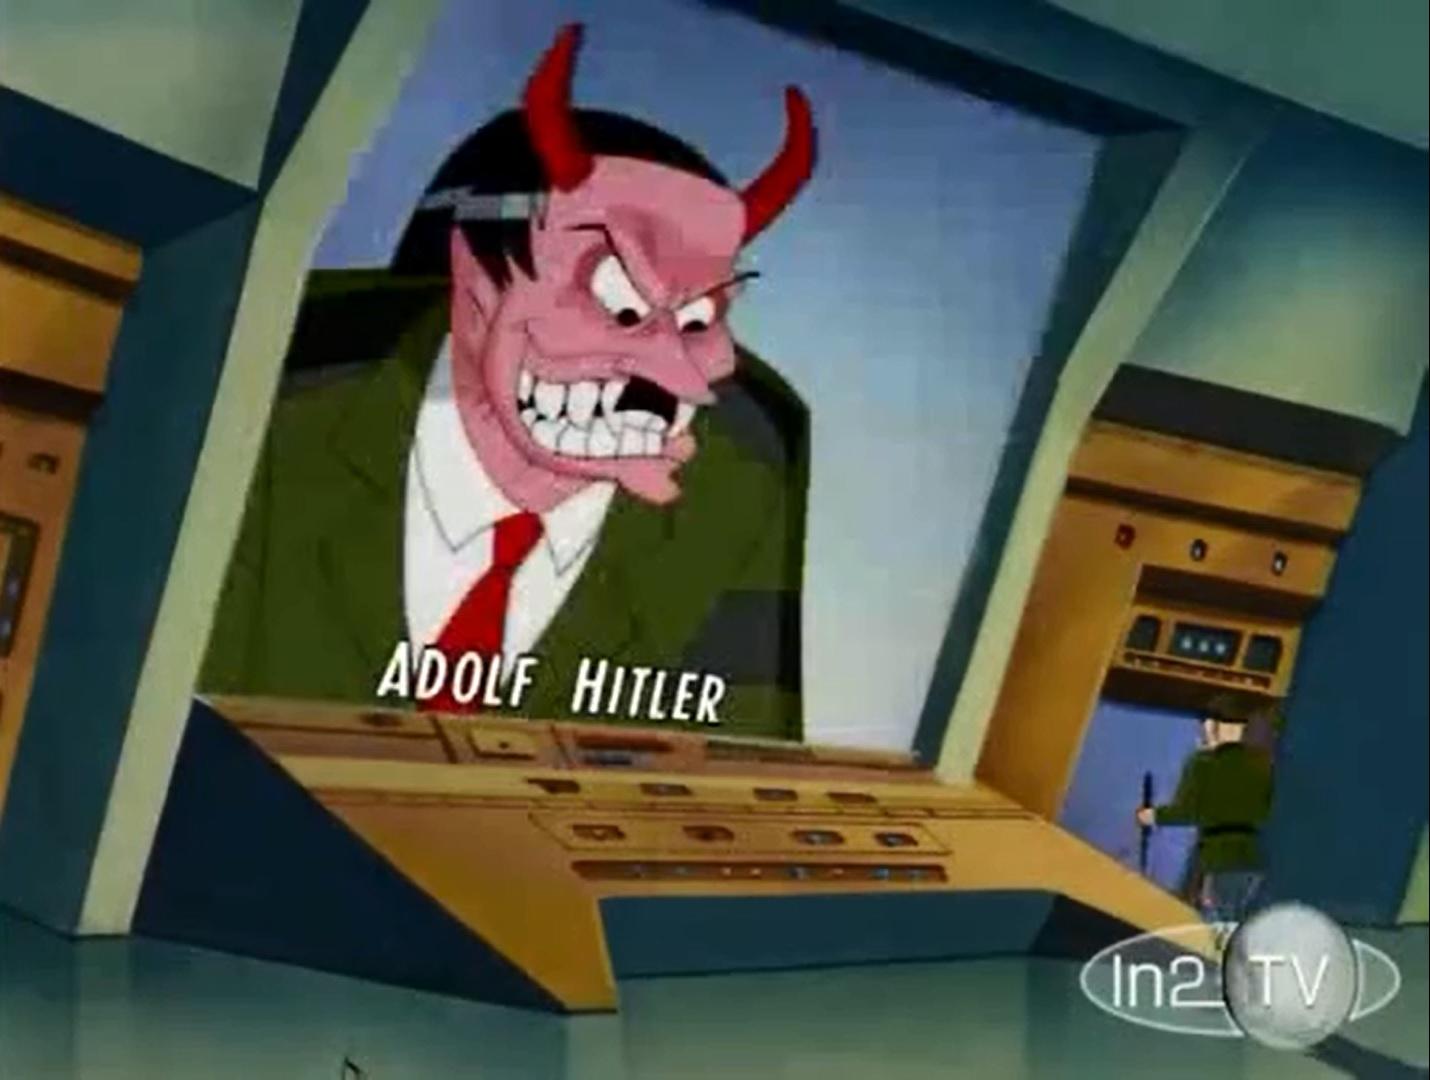 Adolf Hitler (Histeria!)